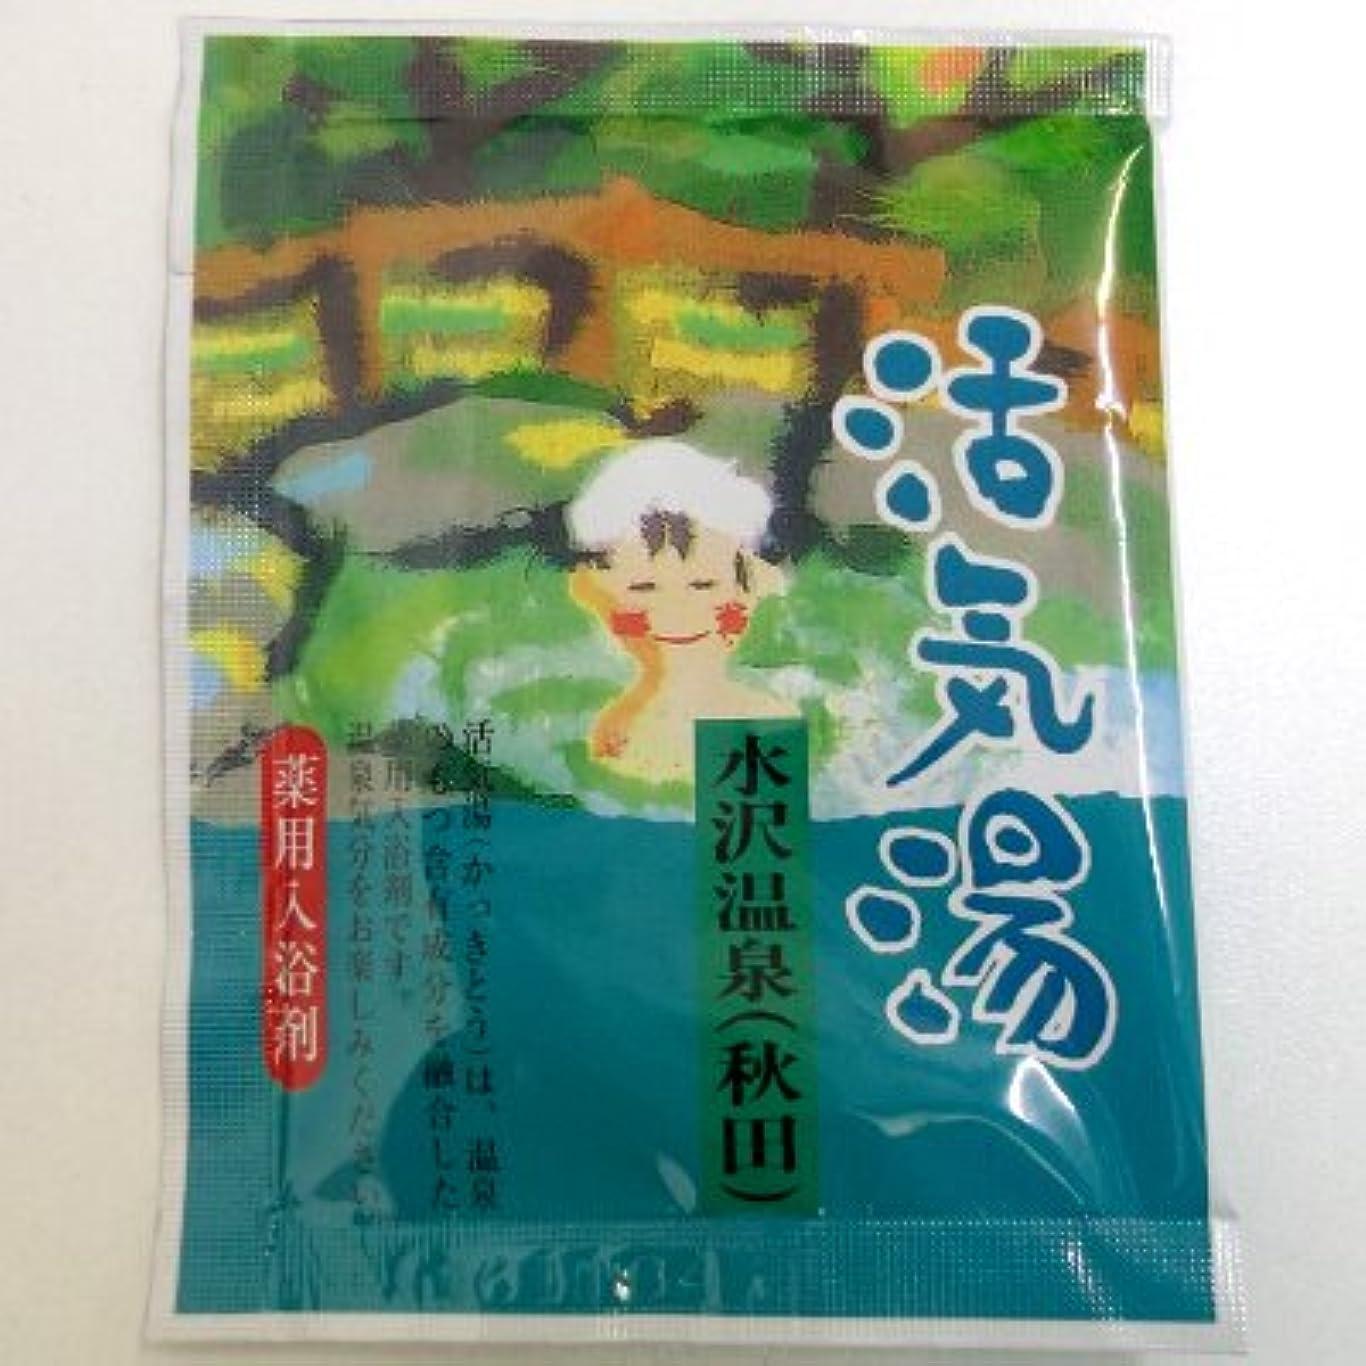 クラス不信鳴り響く活気湯 水沢温泉(青リンゴ)